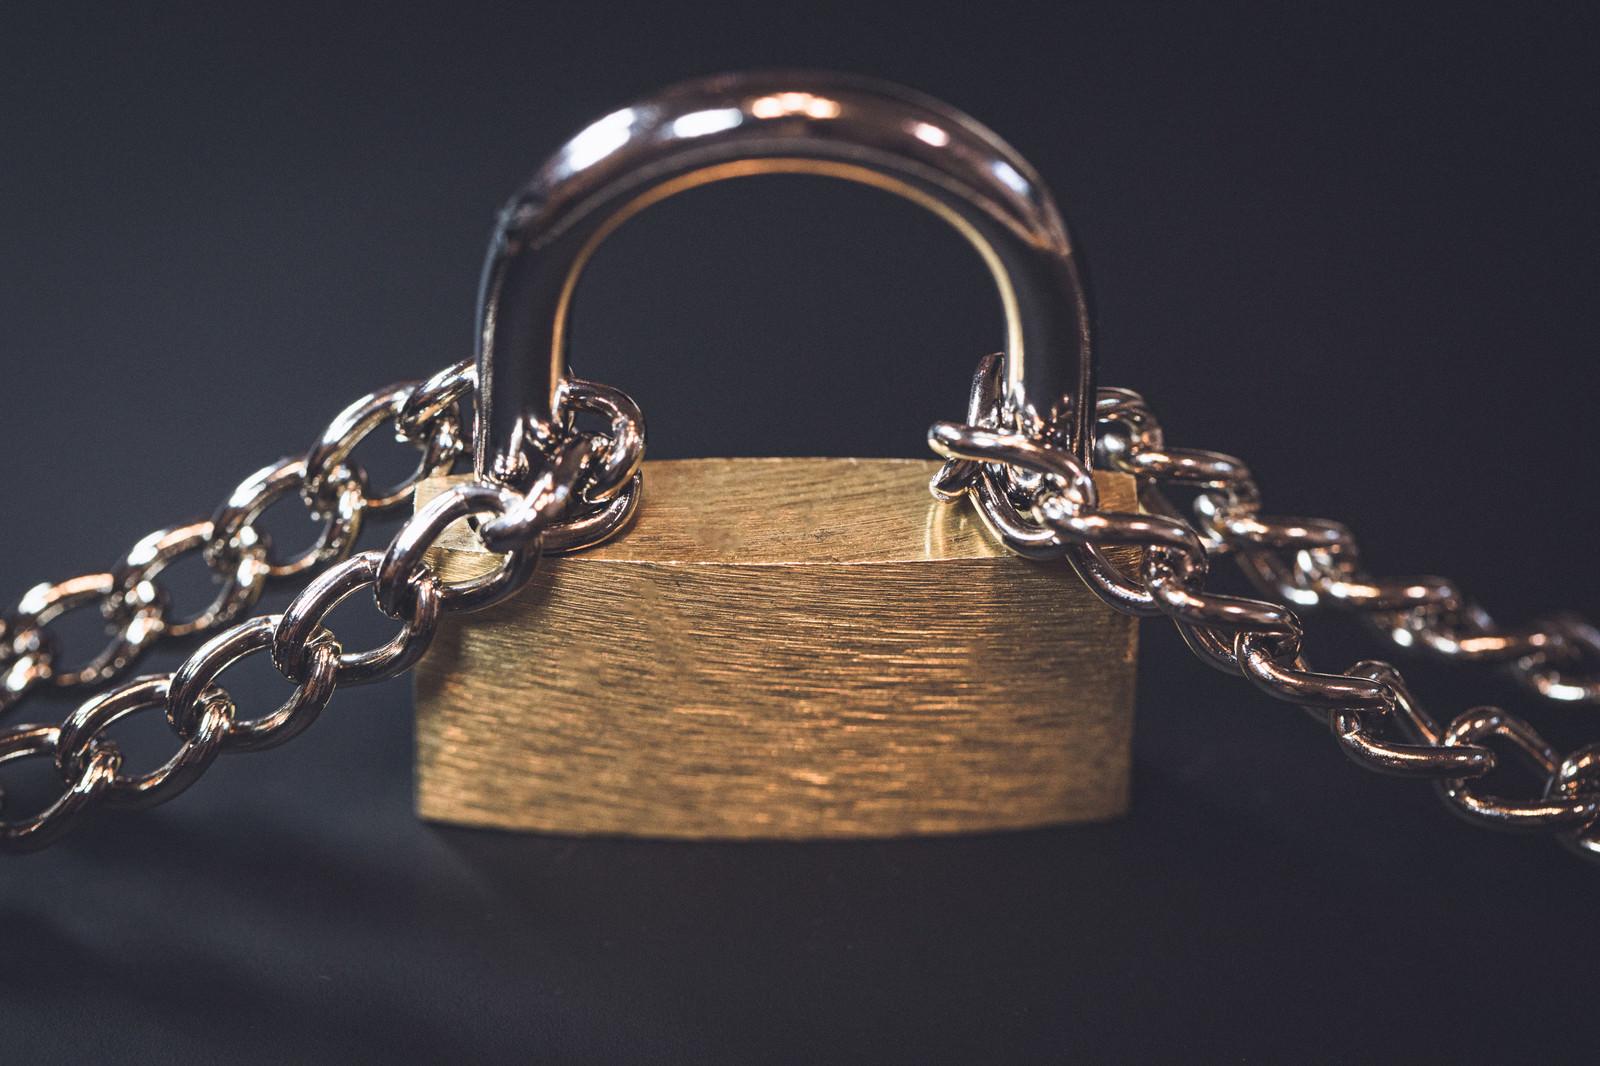 「2本の鎖で繋がれた南京錠」の写真